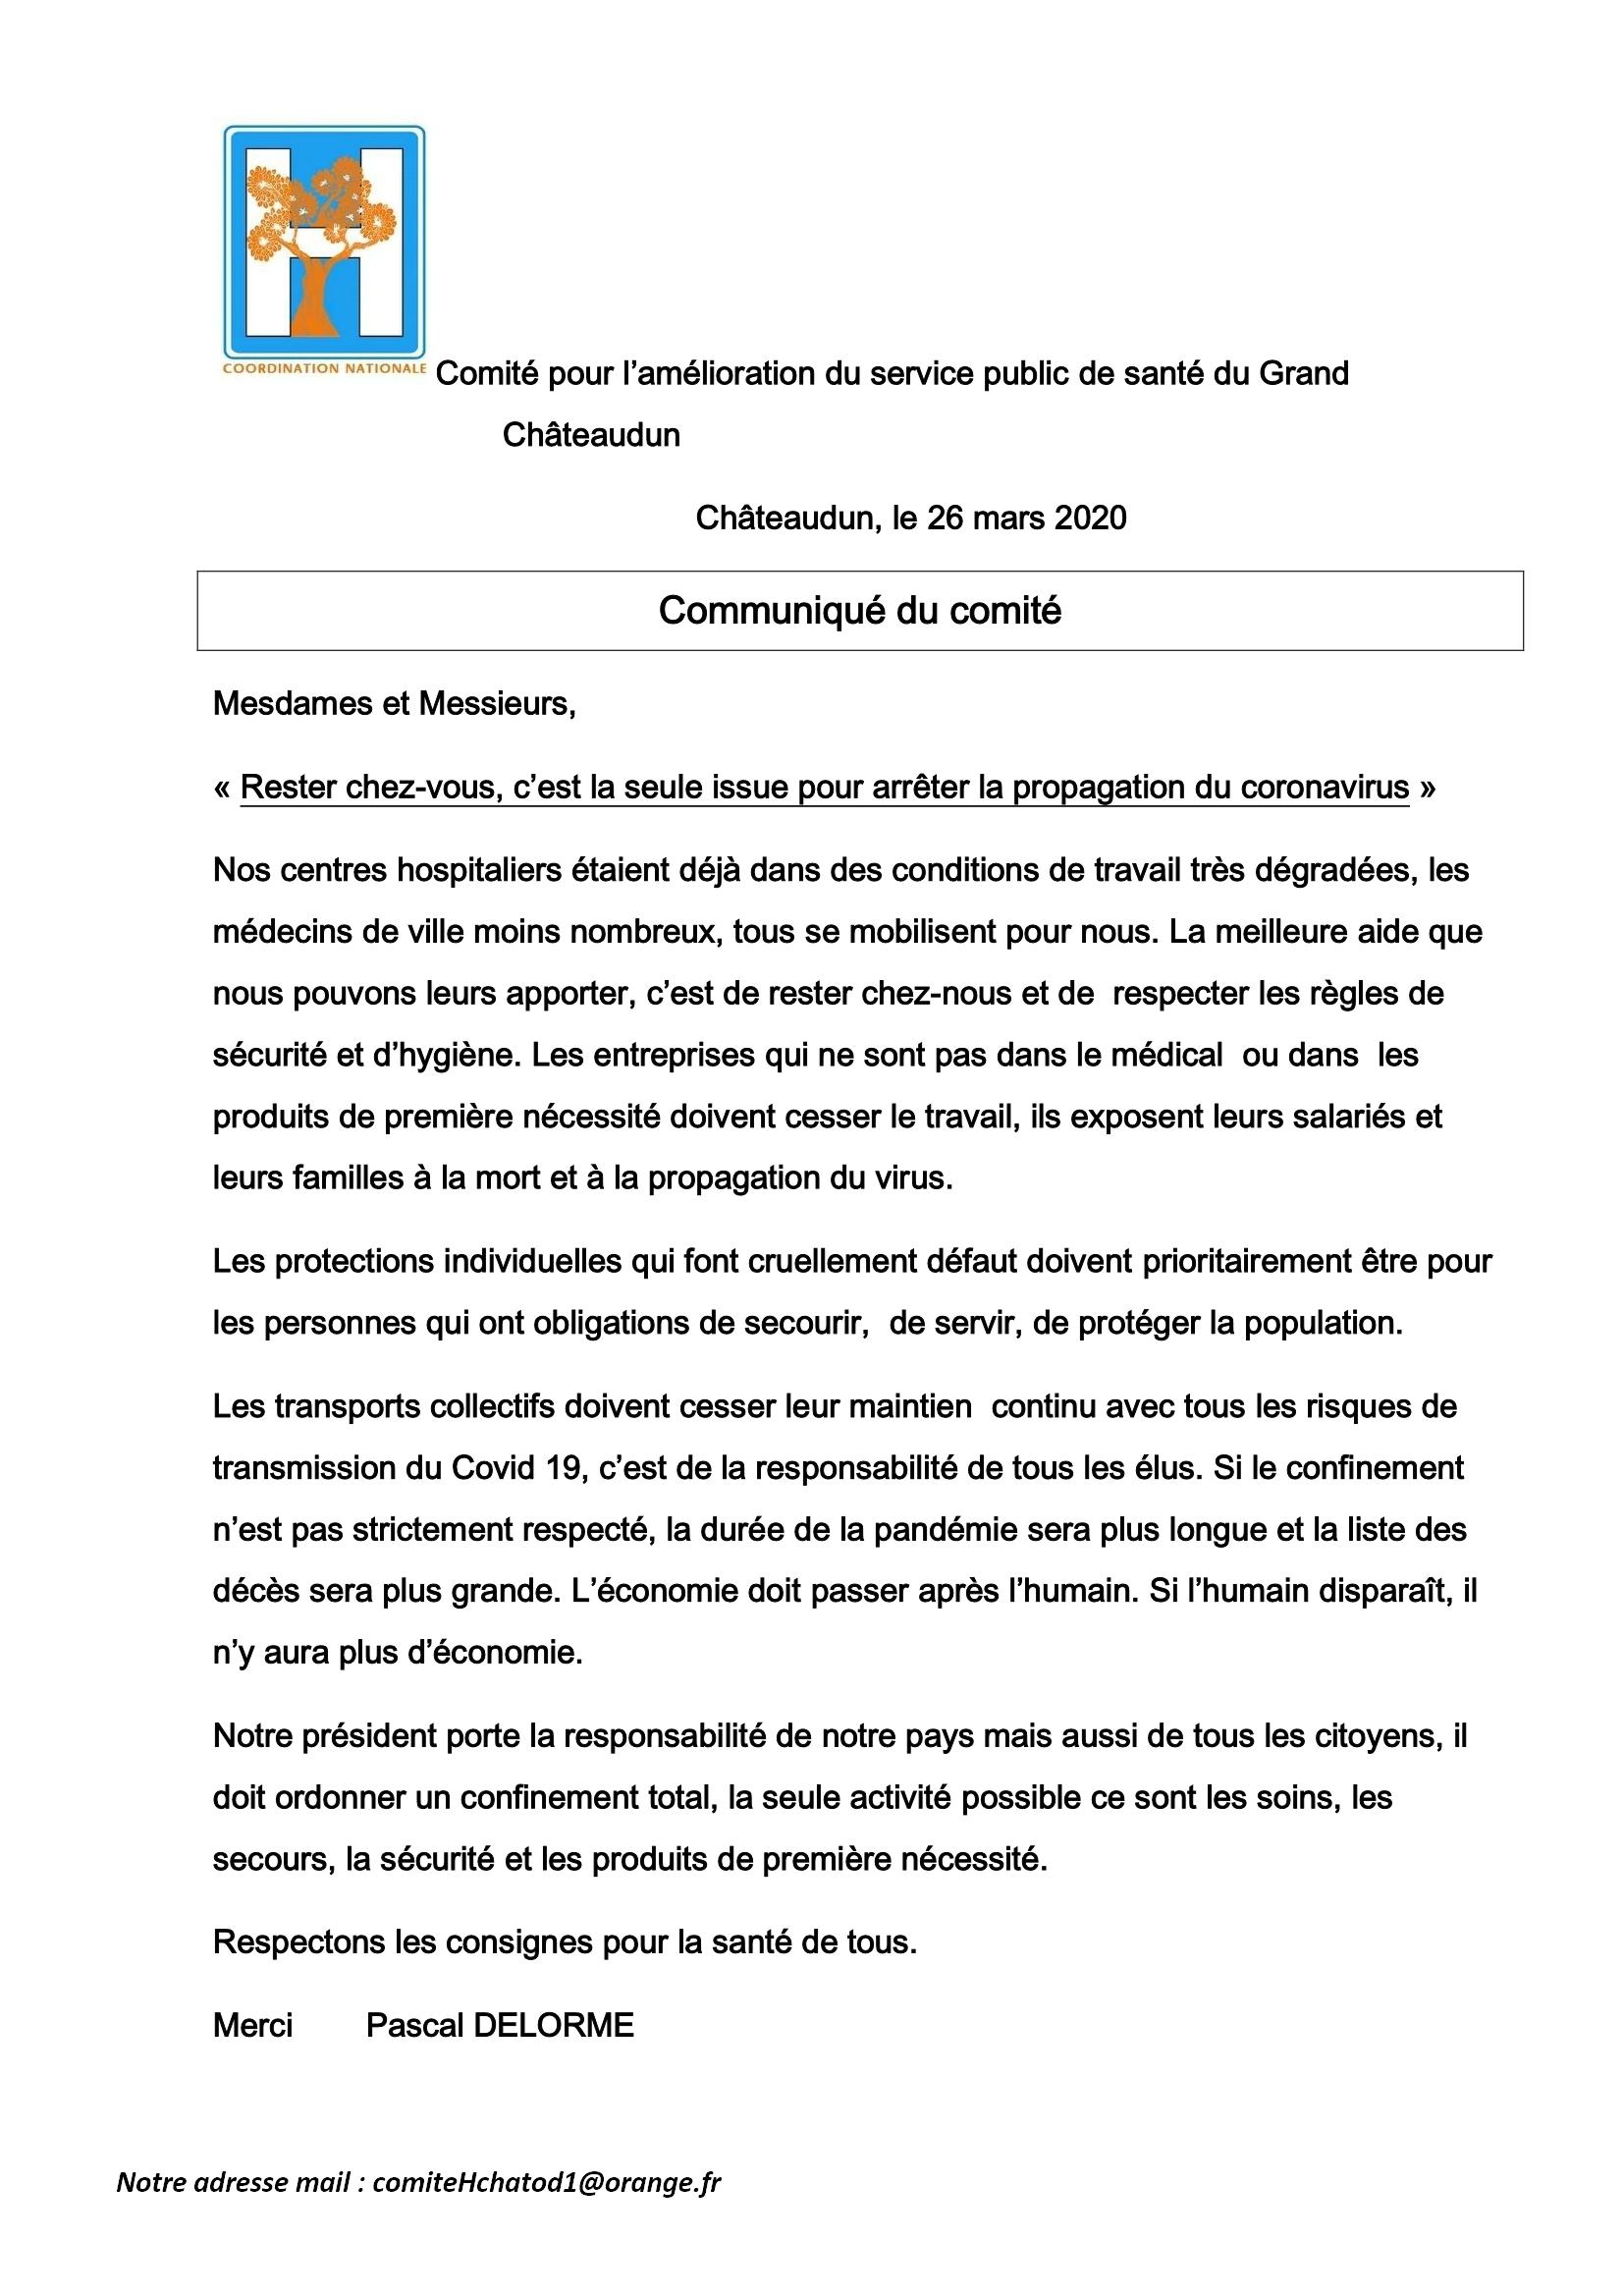 Com Presse Comité Santé Châteaudun COVID-19 26-03-2020